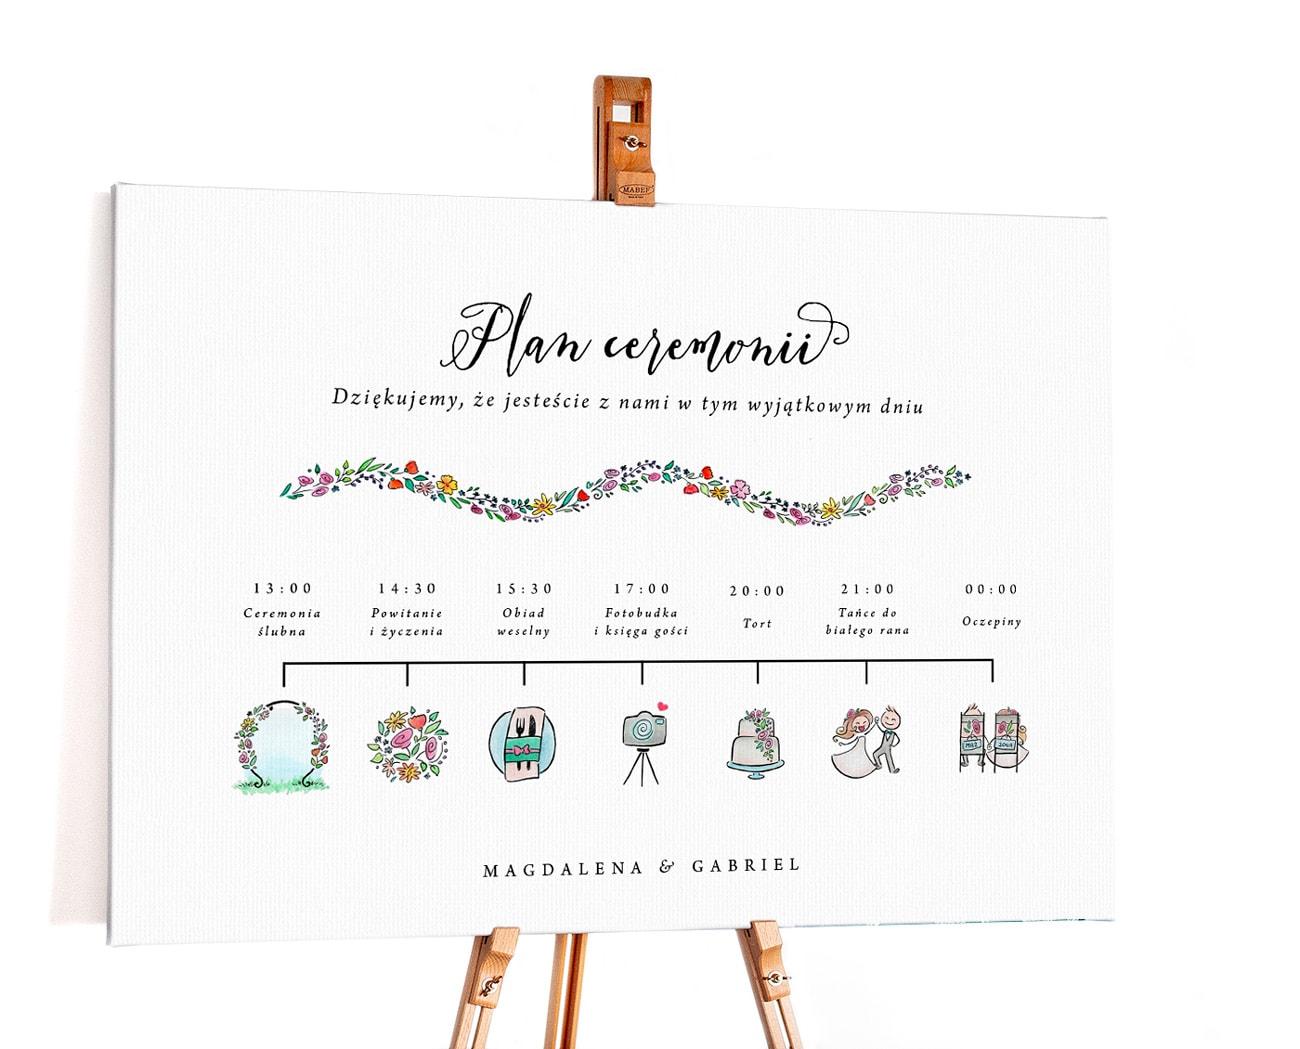 Plan ceremonii ślubnej z kolorowymi ilustracjami wydarzeń